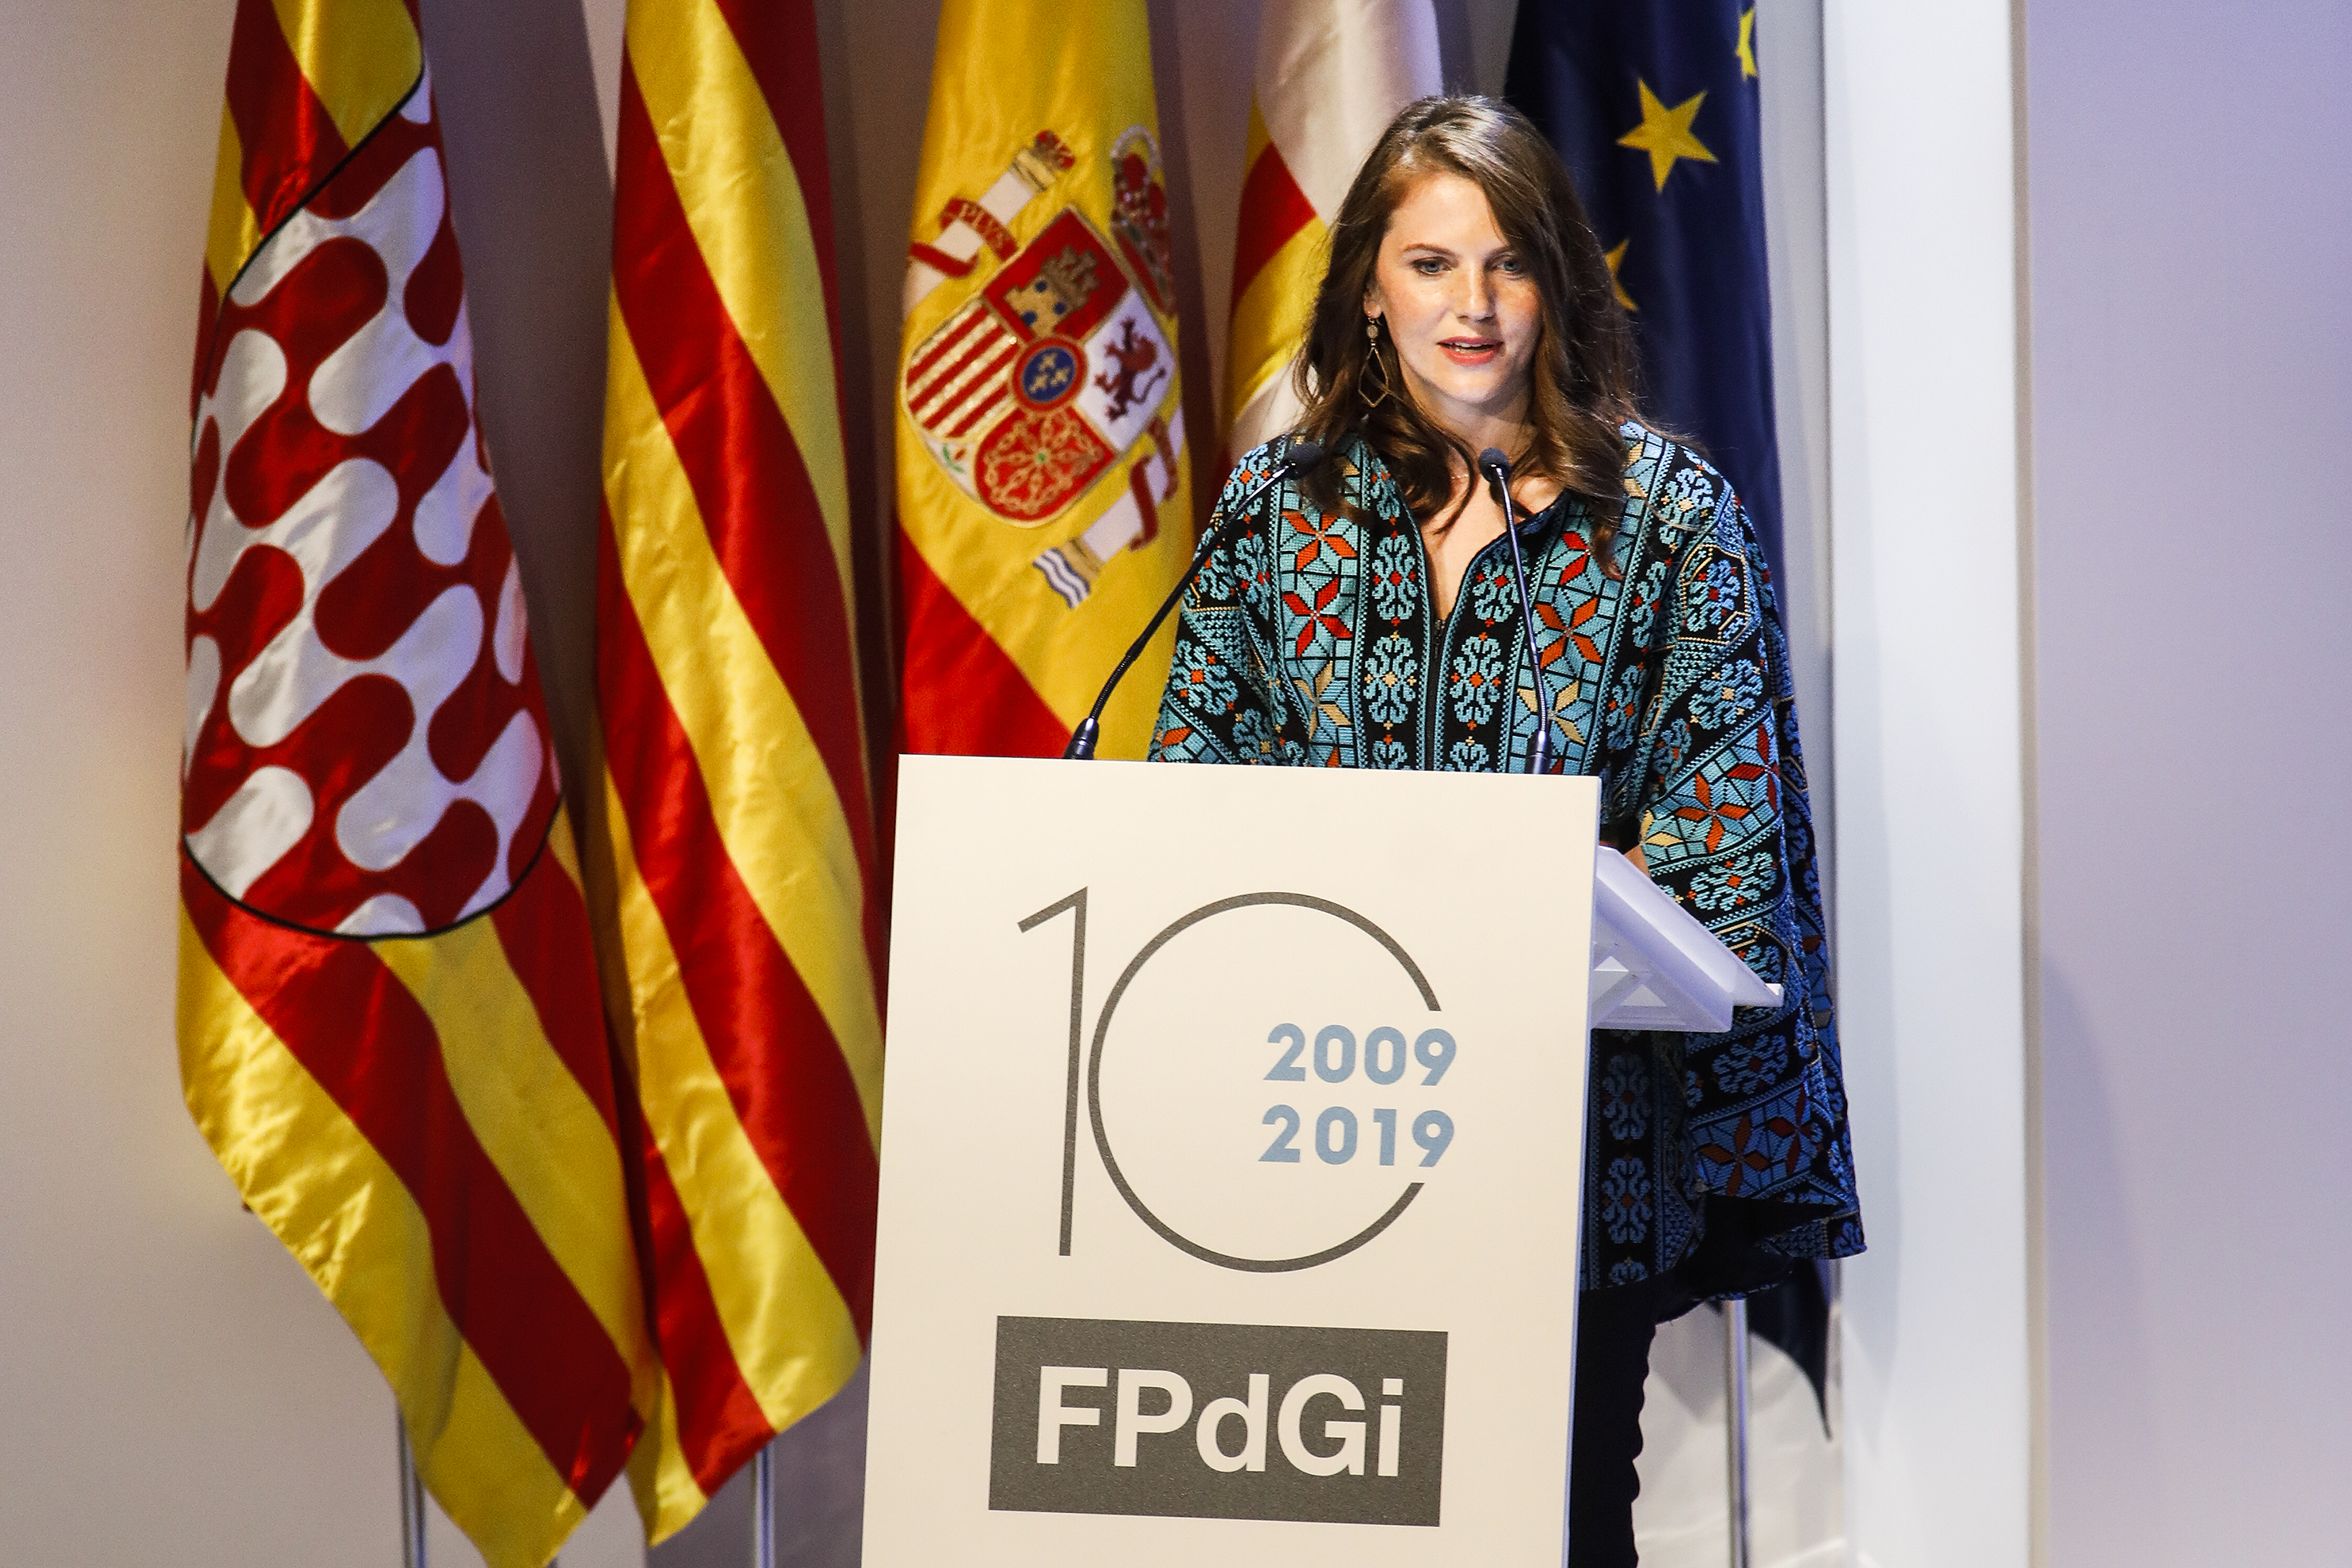 Oberta la convocatòria dels Premis FPdGi 2022